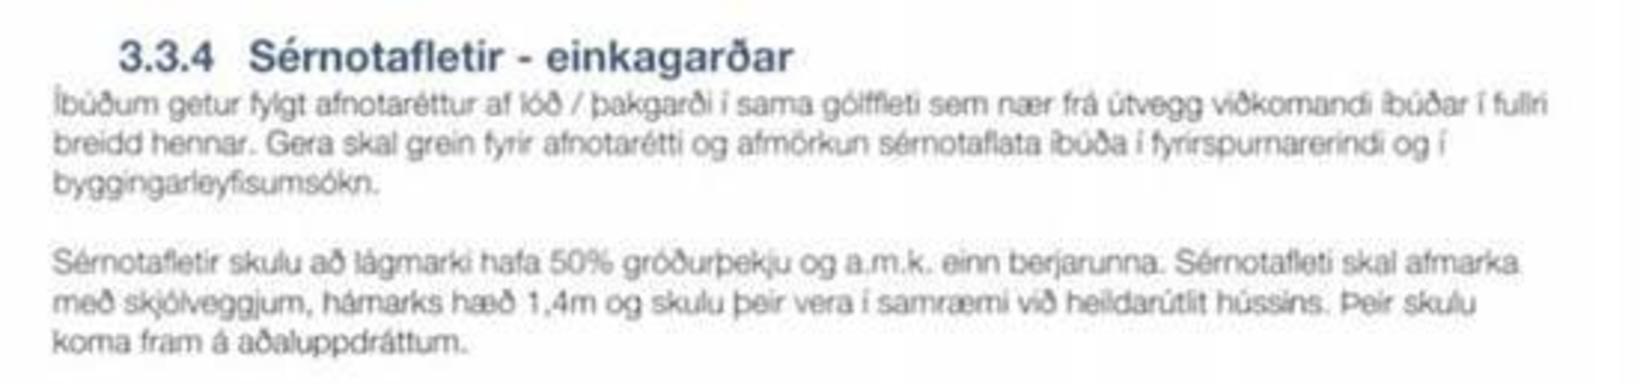 Samkvæmt skilmálum fyrir mannvirki og byggingar á svæði tvö í …